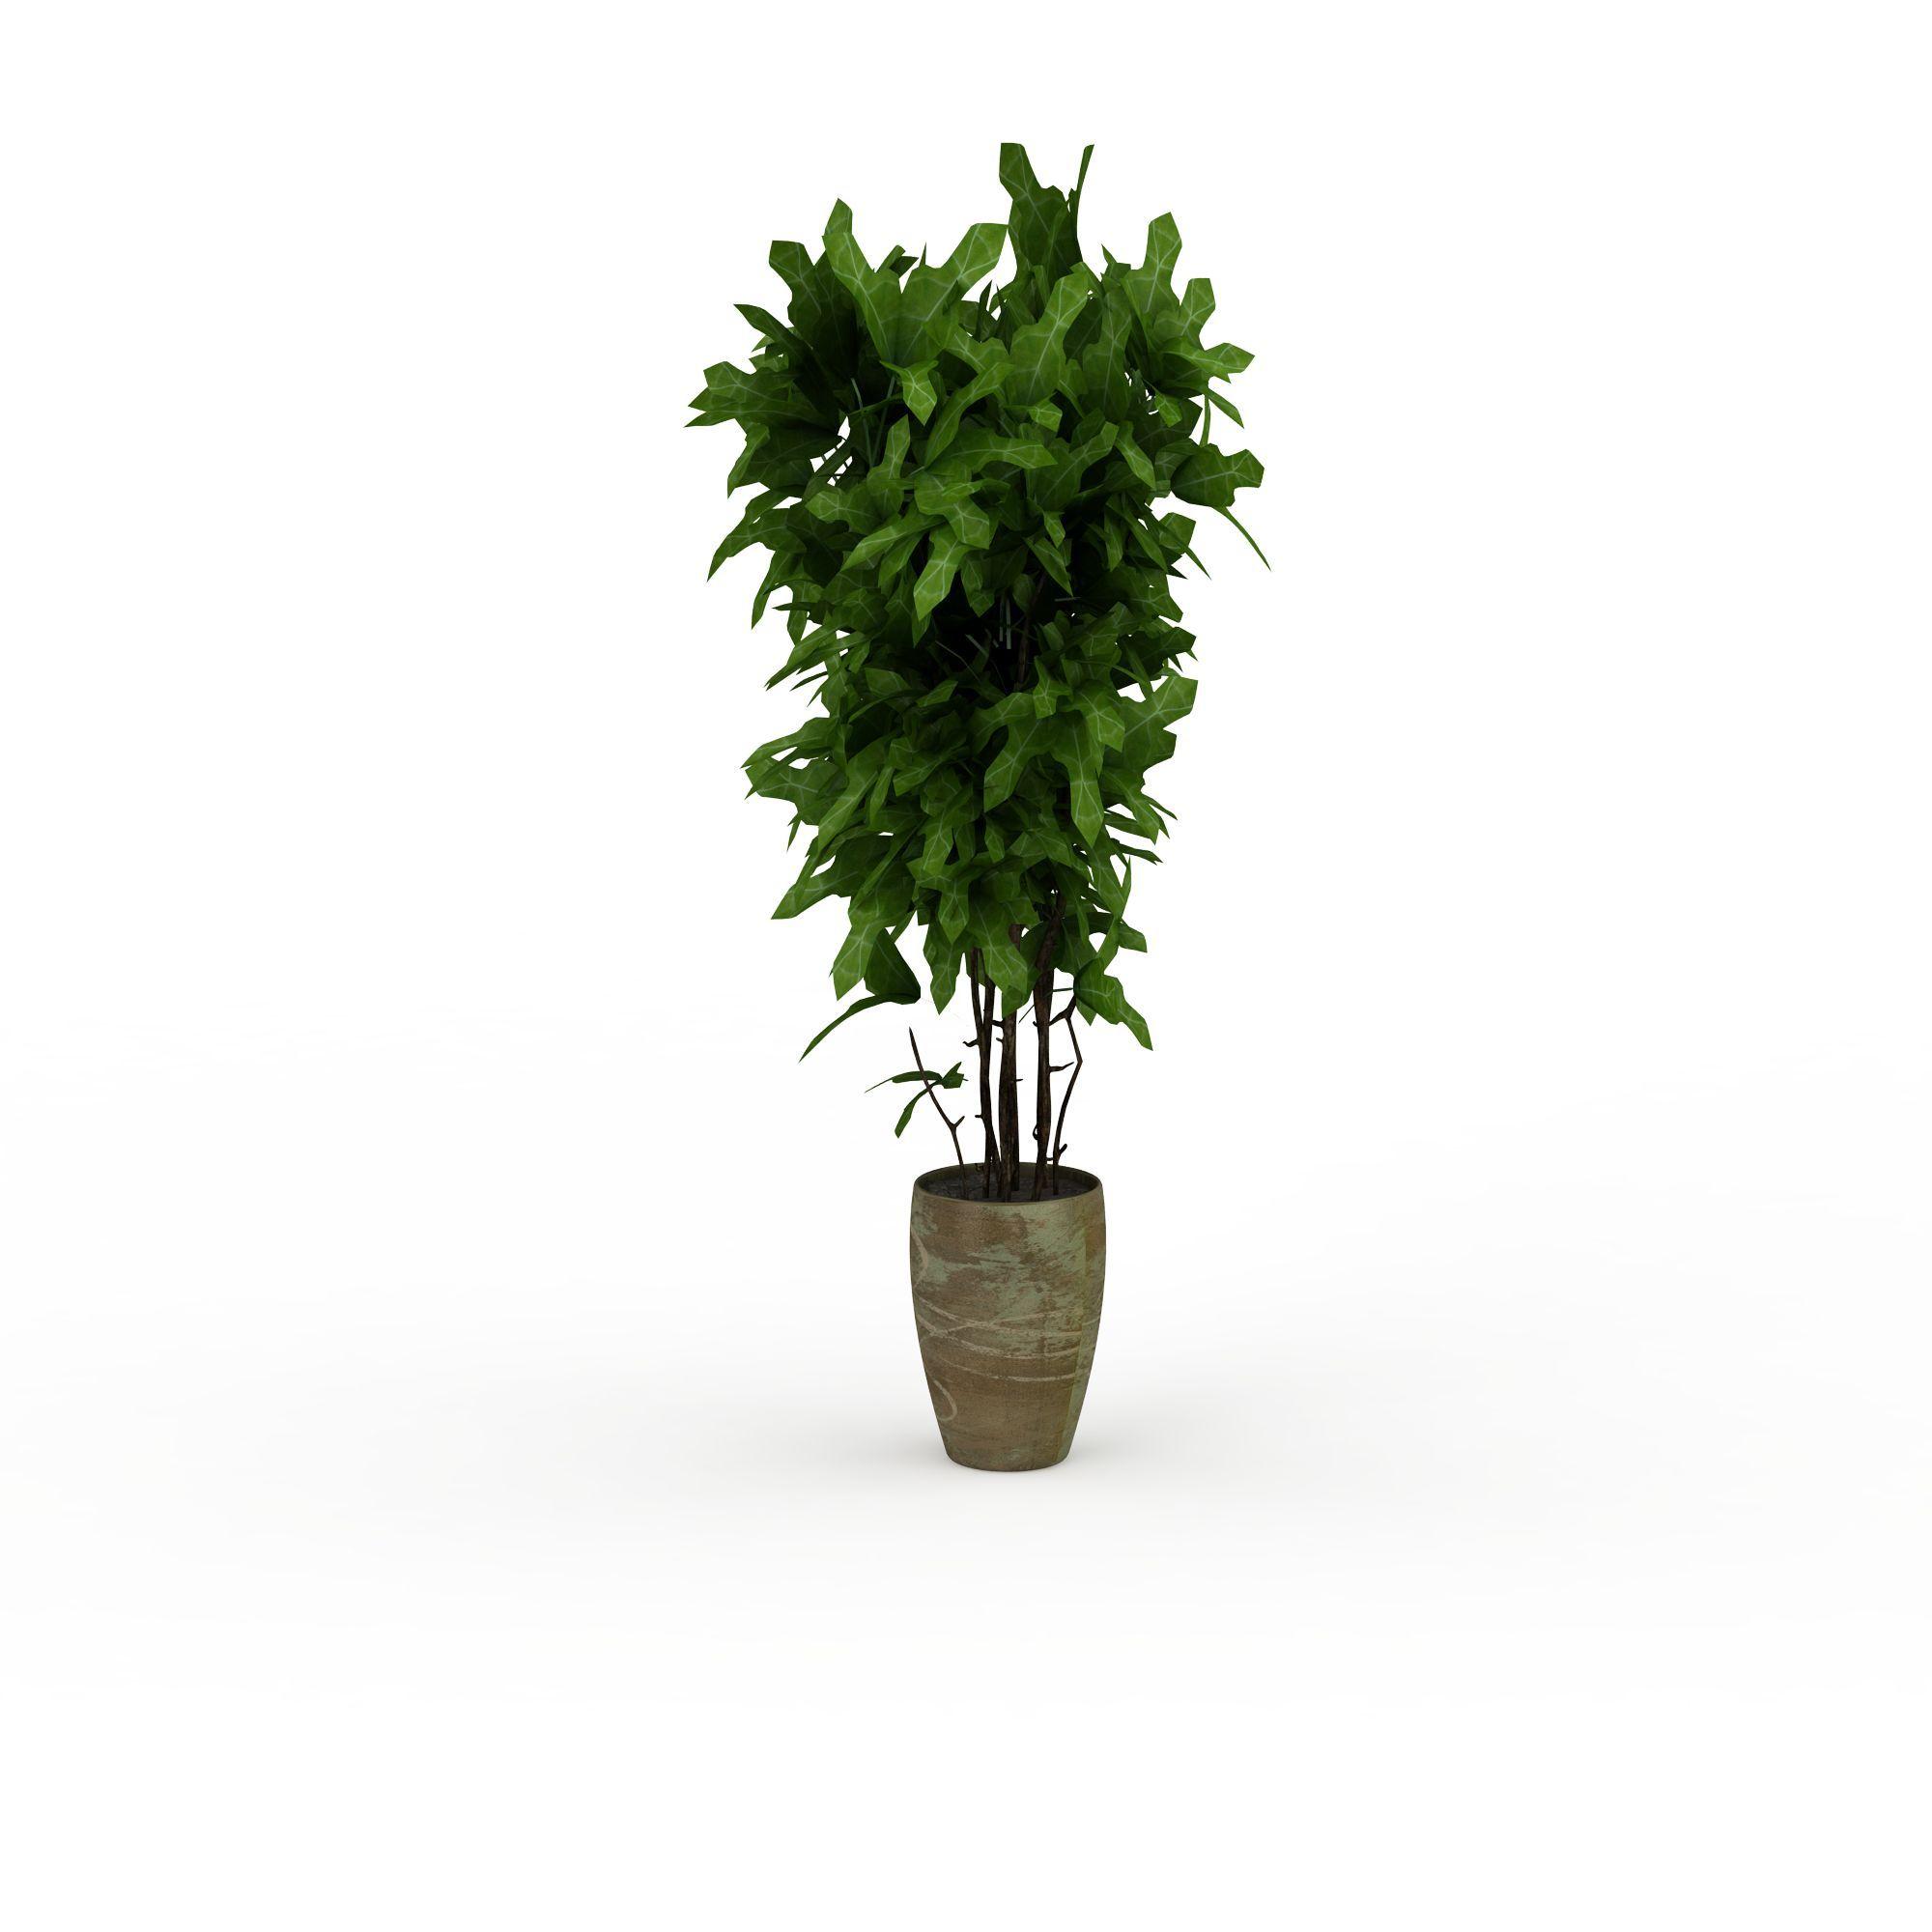 办公室绿植png高清图  办公室绿植高清图详情 设计师 3d学院 模型名称